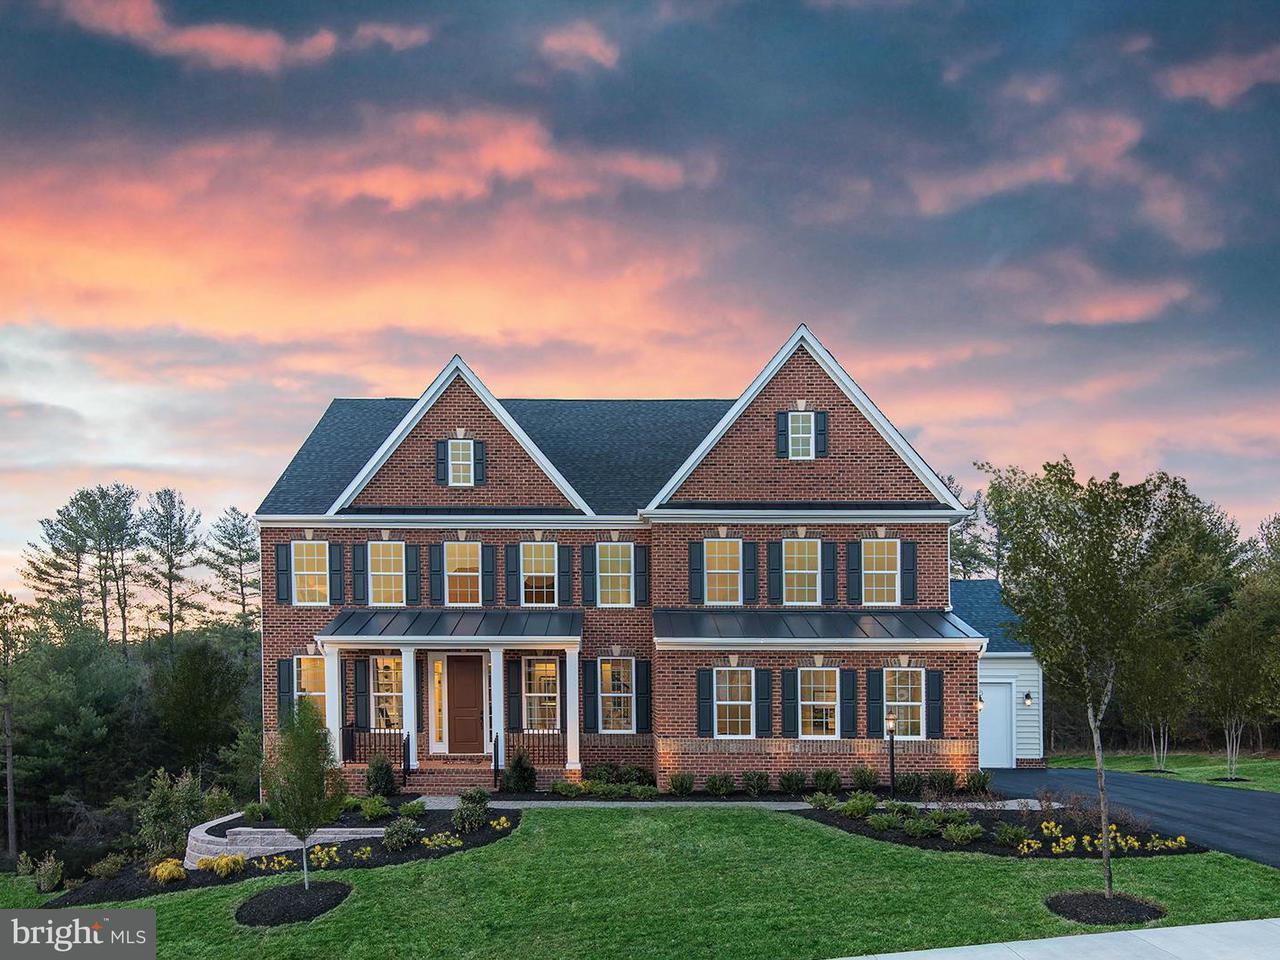 Vivienda unifamiliar por un Venta en 3094 DESMOND Place 3094 DESMOND Place Ijamsville, Maryland 21754 Estados Unidos